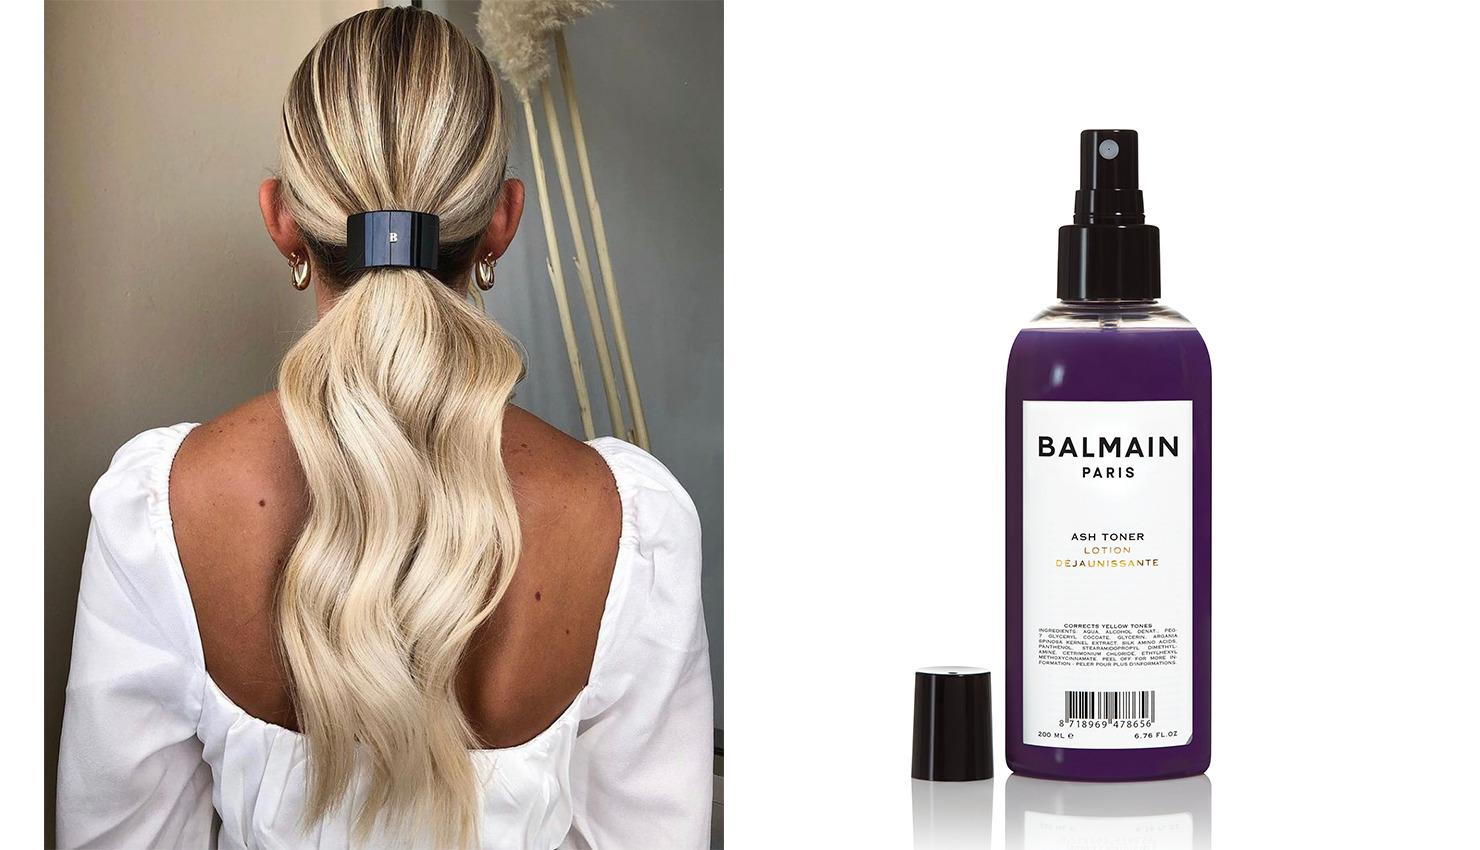 spray-morado-productos-reparar-cabello-verano-magazinehorse